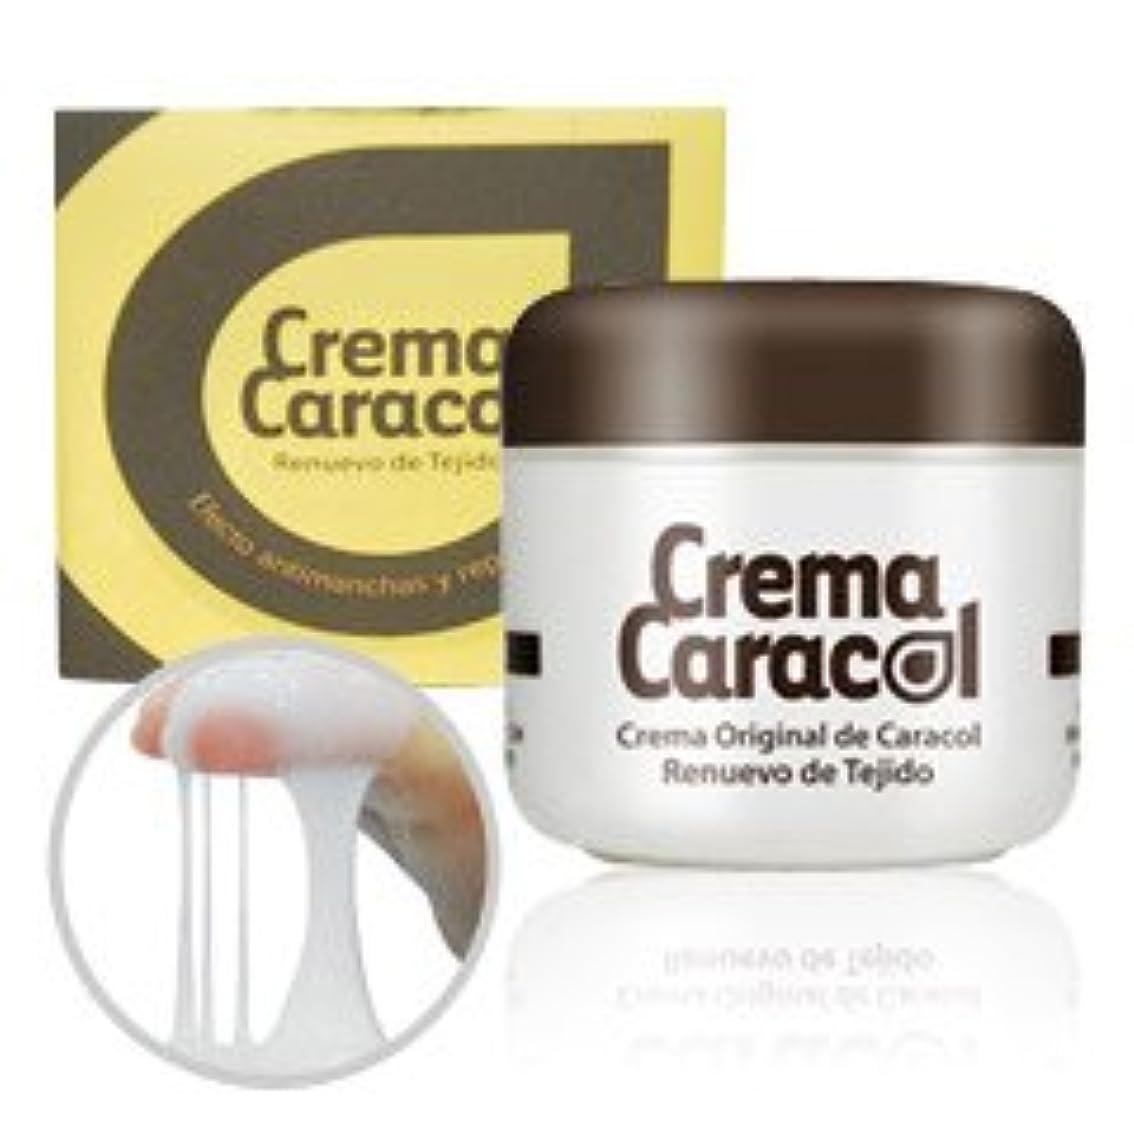 落ちたささいな羊crema caracol(カラコール) かたつむりクリーム 3個セット